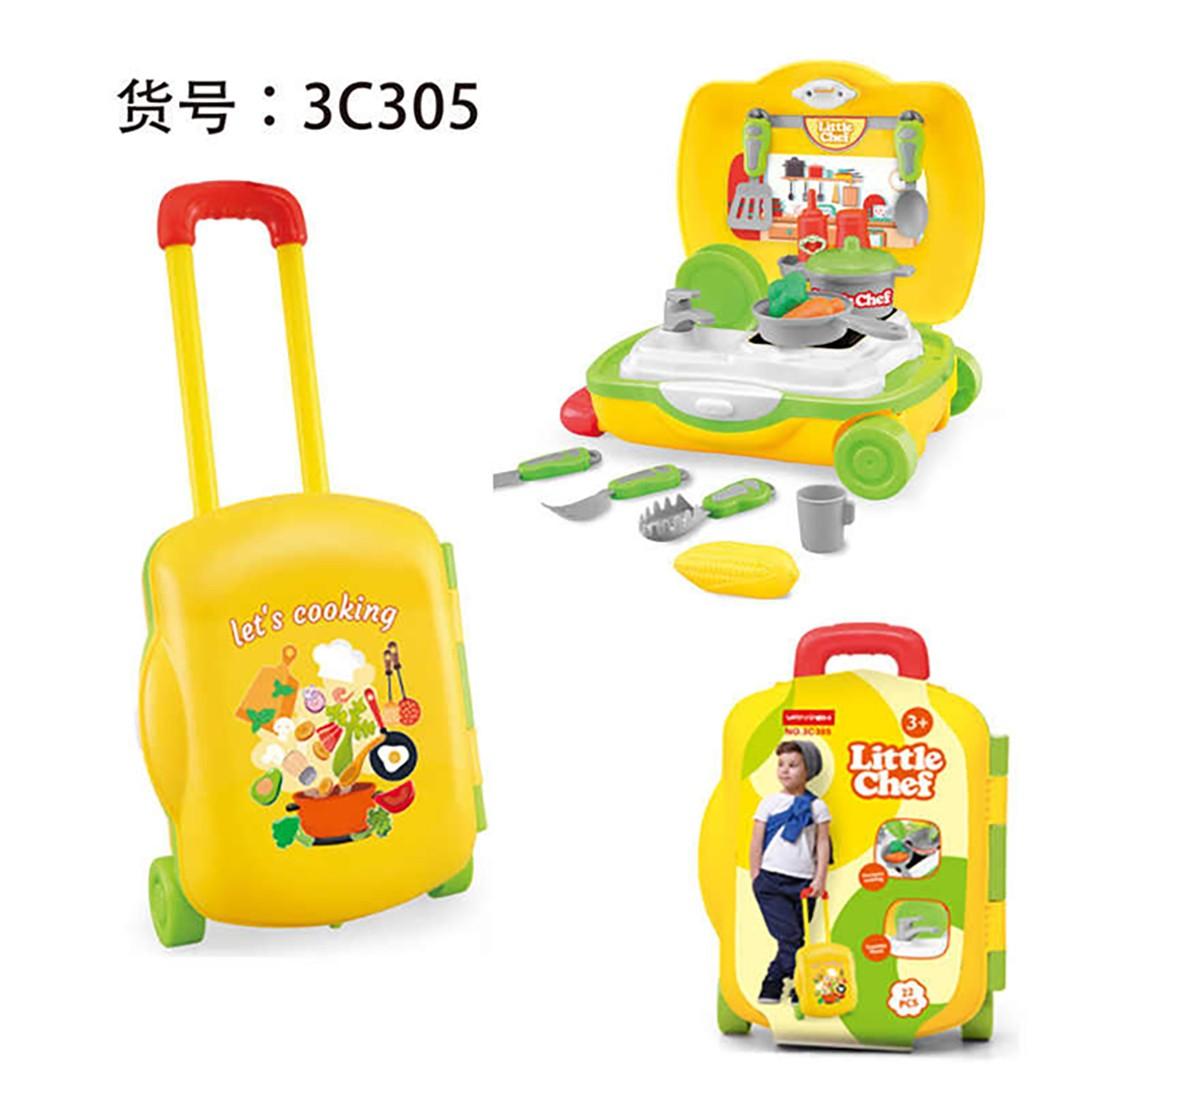 Comdaq 20Pcs Little Chef Trolley Set for Girls age 3Y+ (Yellow)